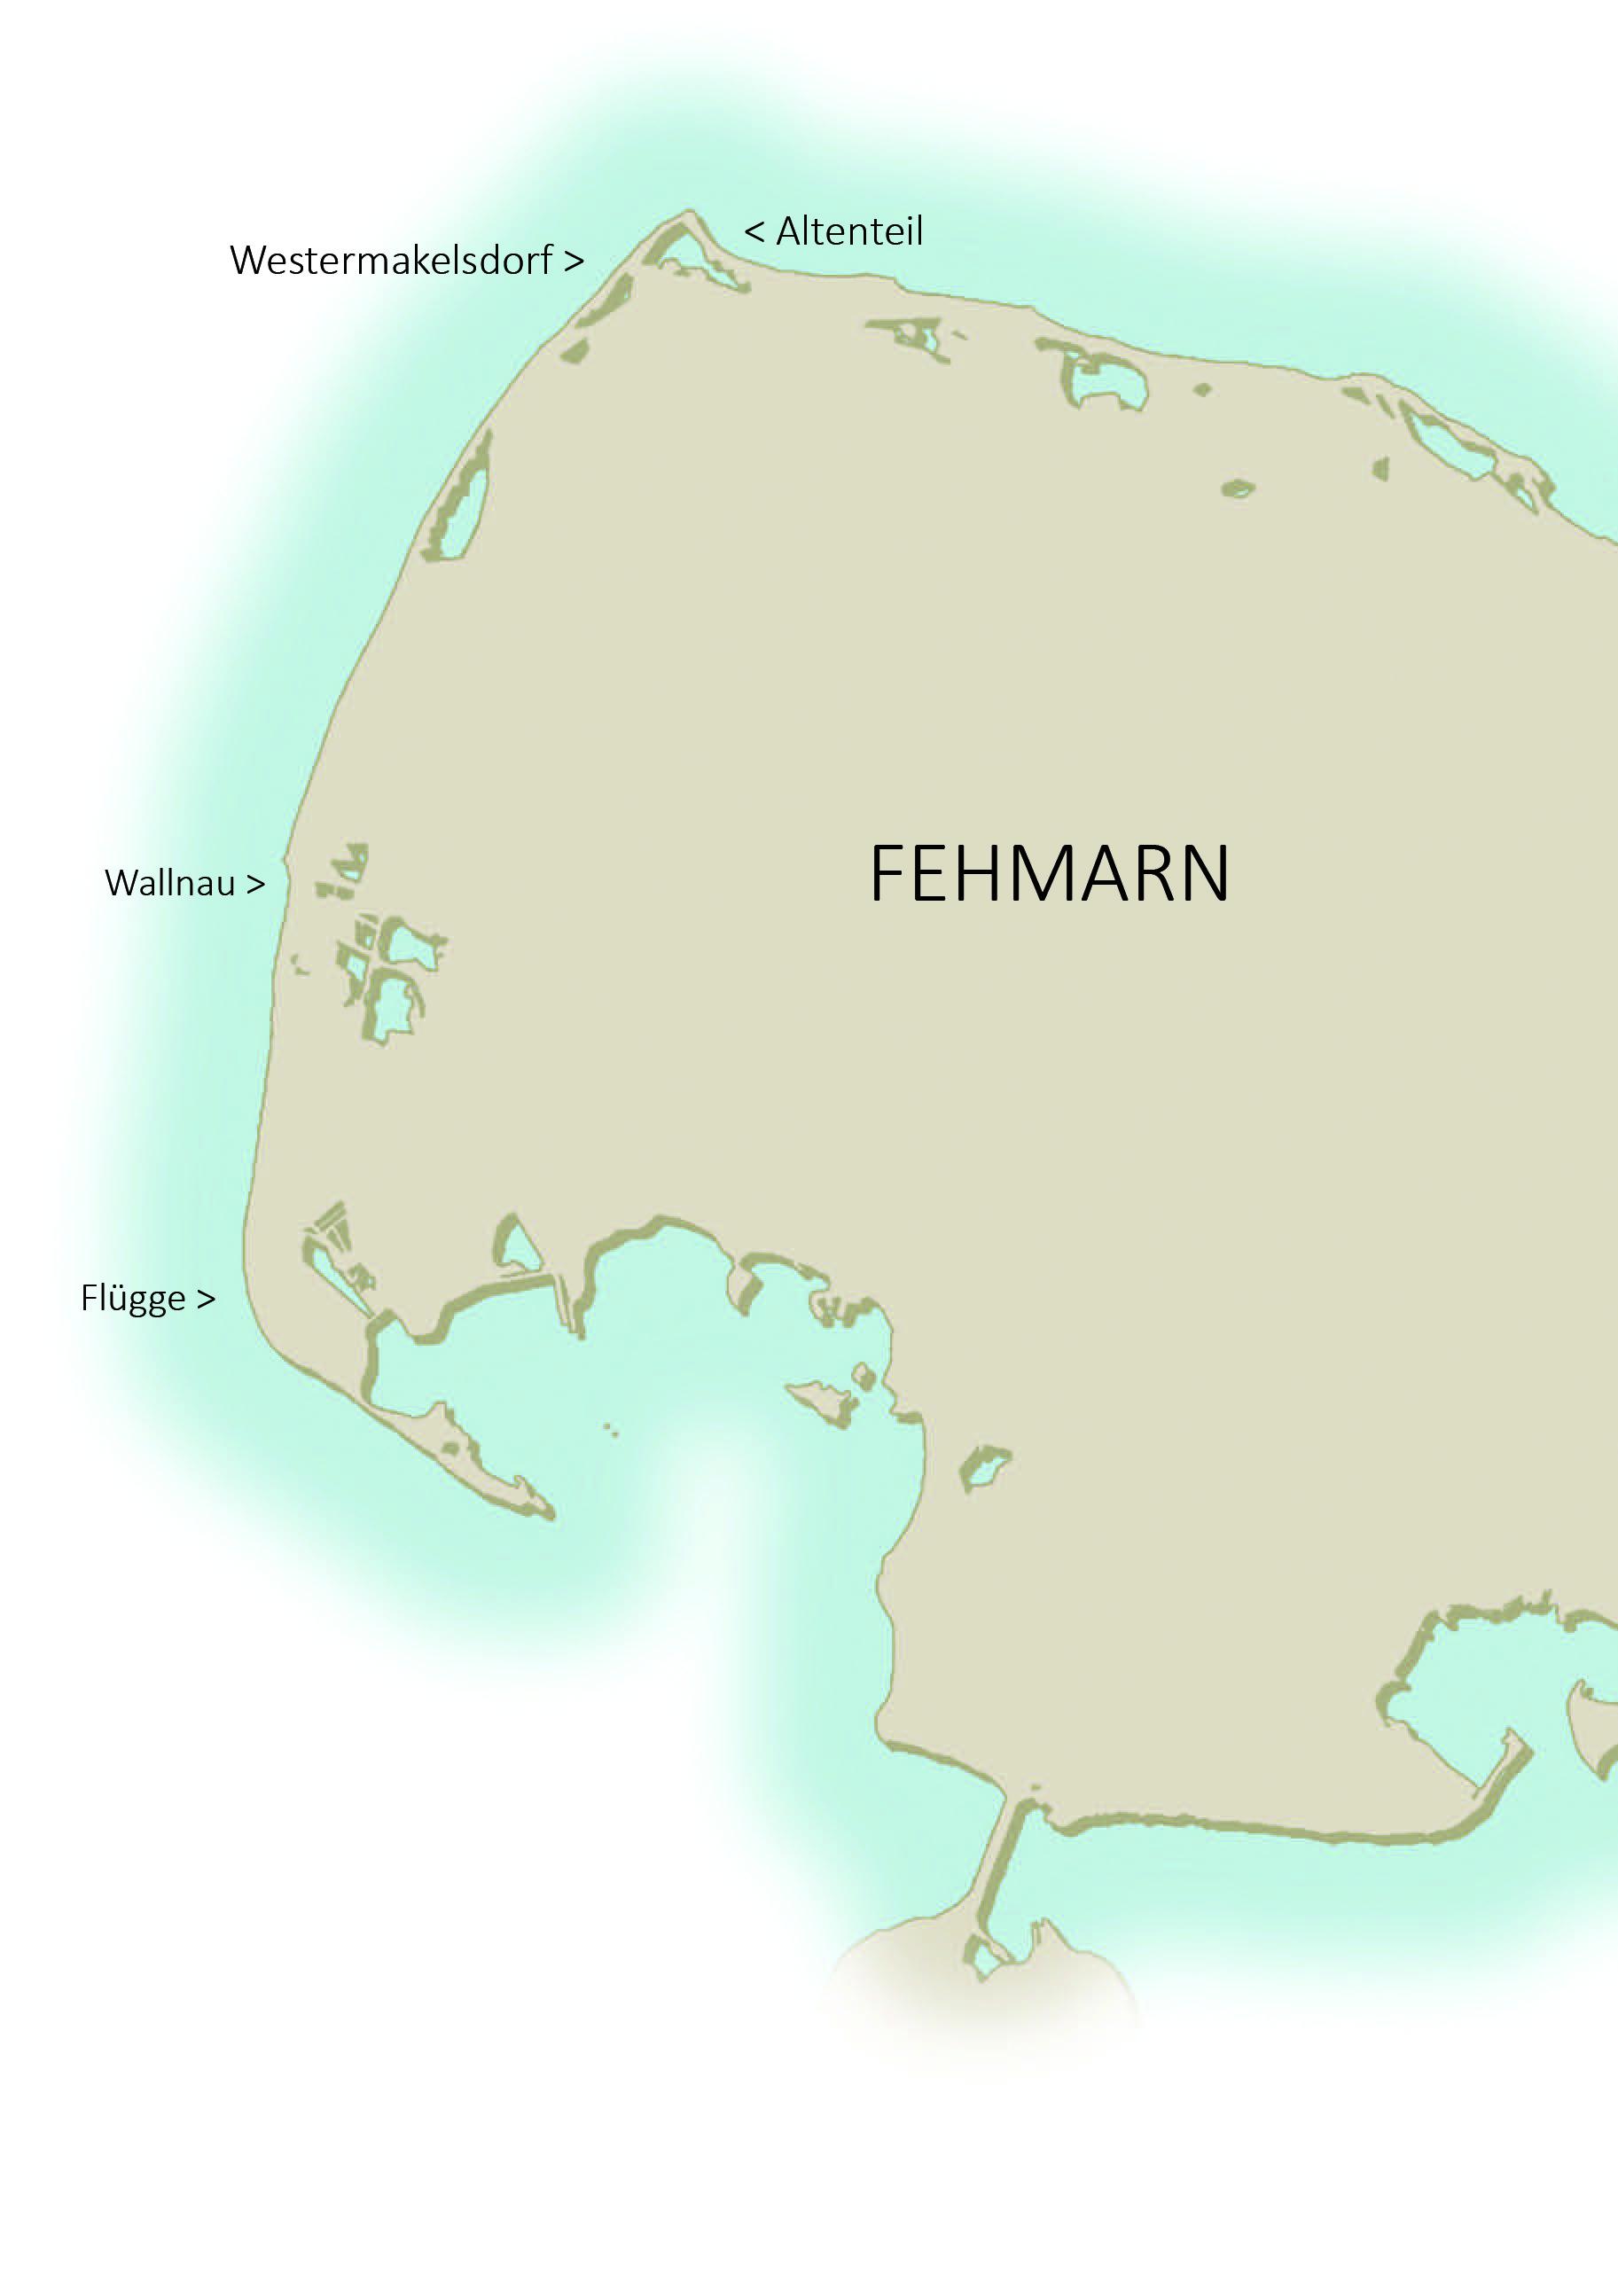 Kort over de bedste havørredpladser på Fehmarn